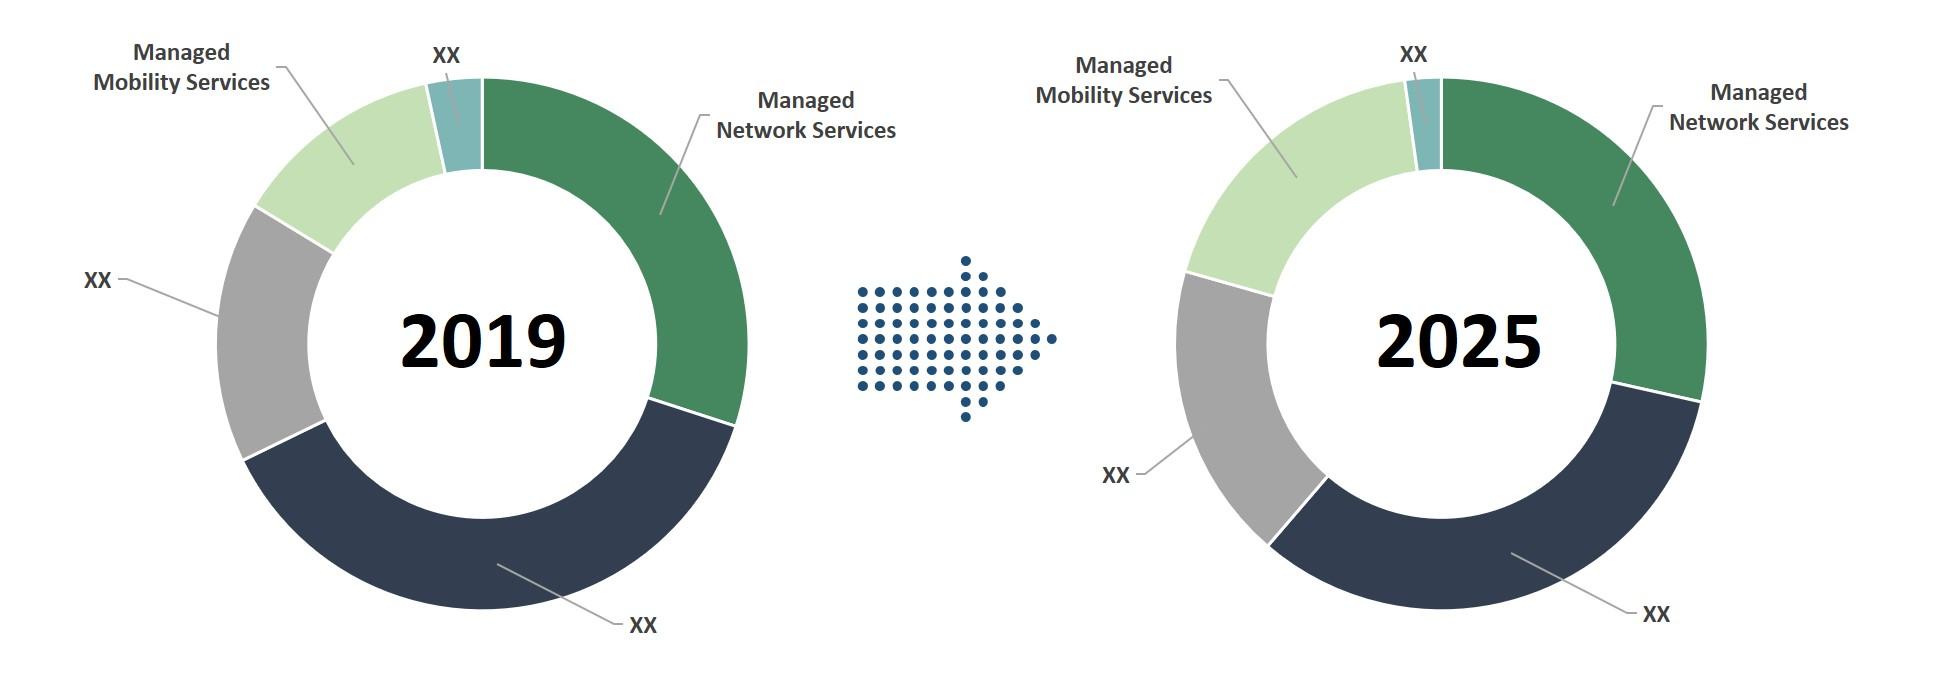 Americas Telecom Managed Service